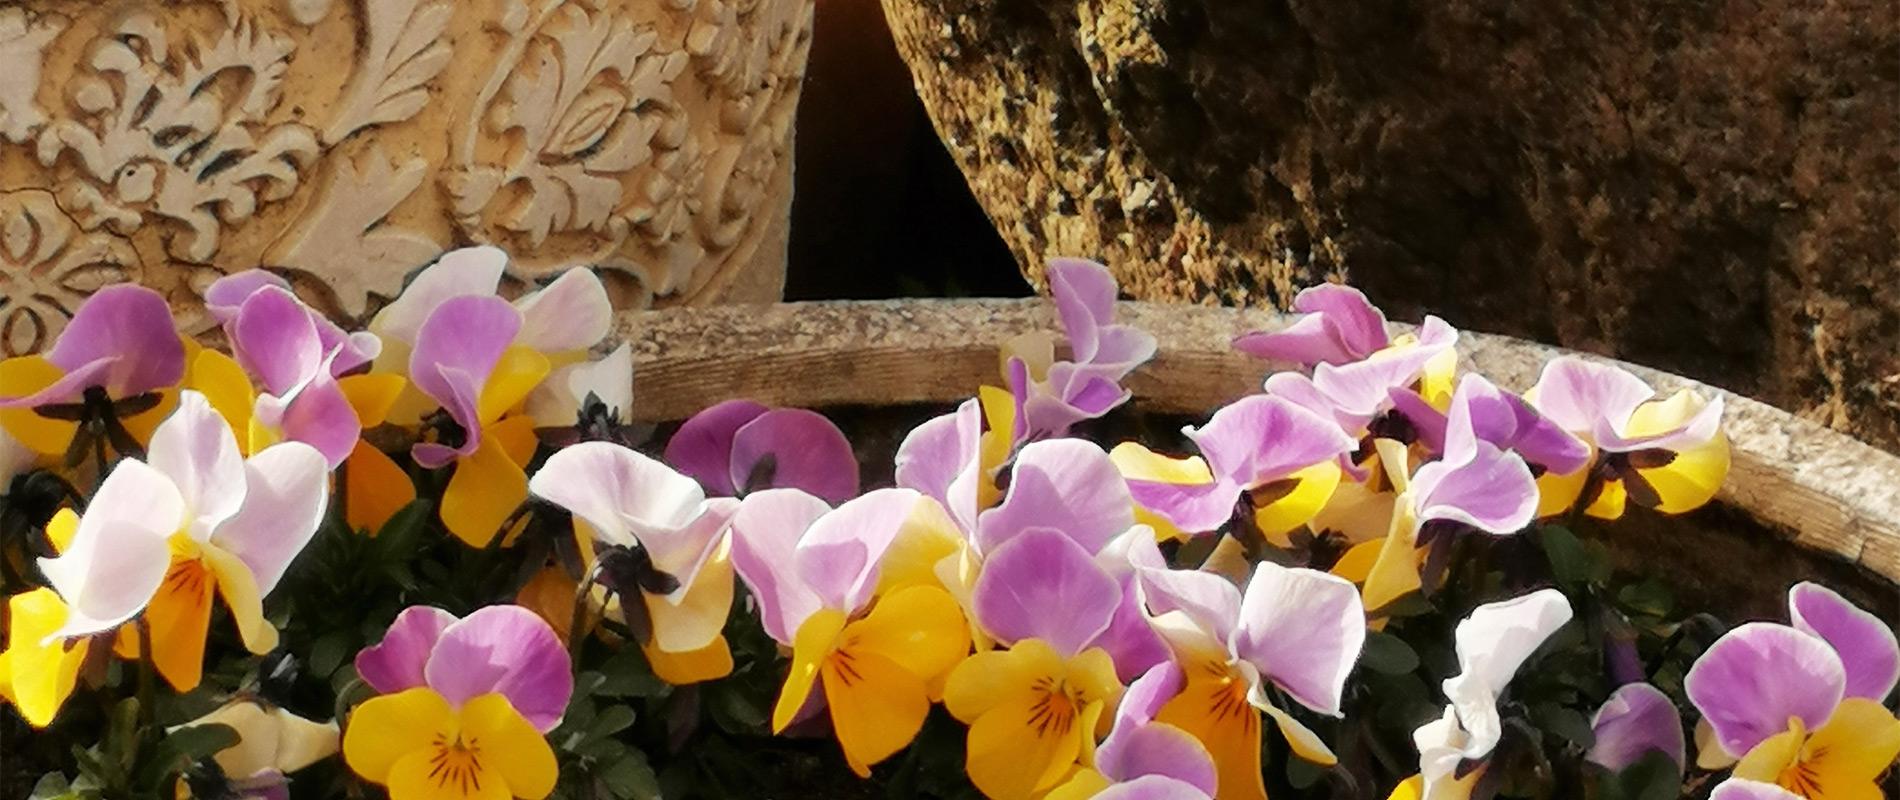 Blümen im Frühjahr